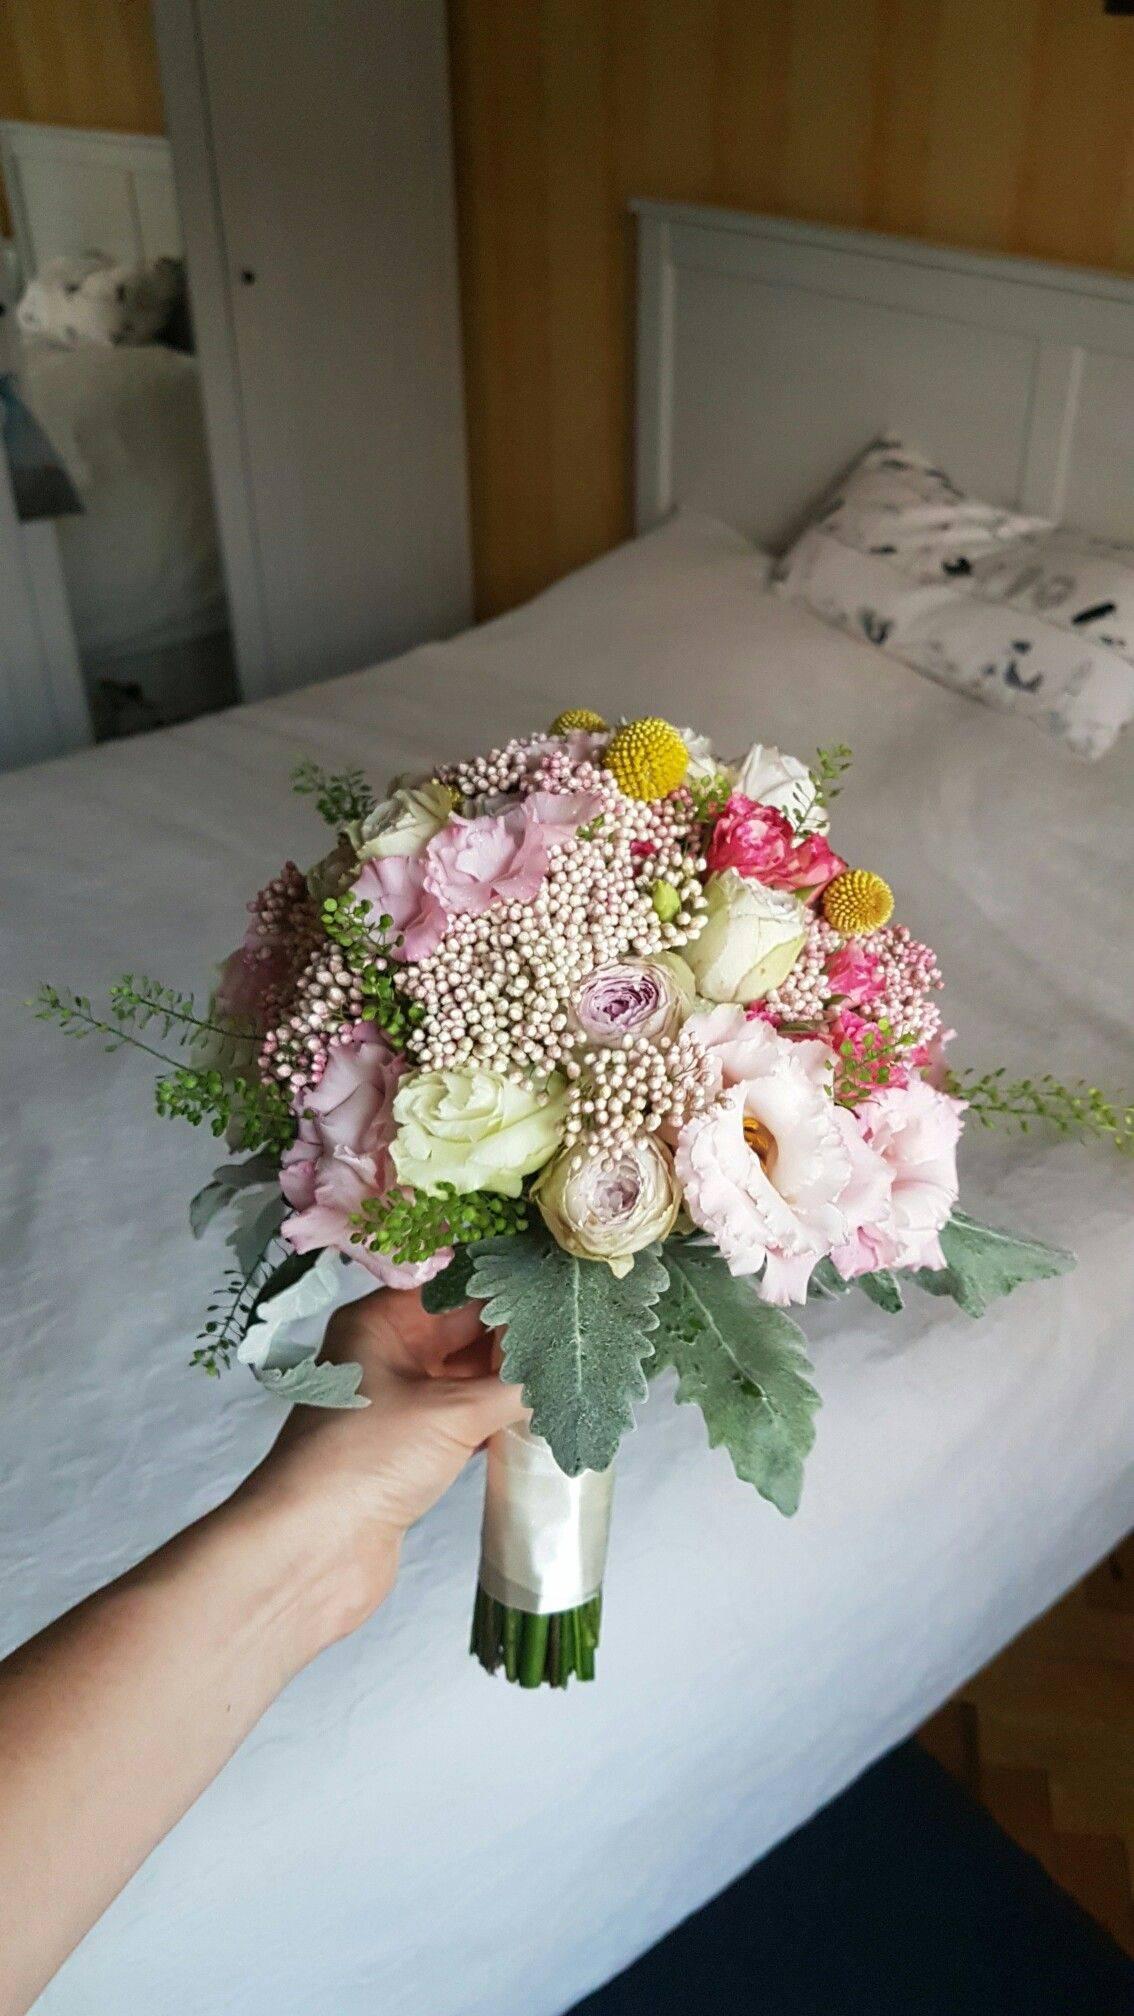 Красивые букеты цветов 2020-2021 – новые тренды в букетах, фото цветочных букетов